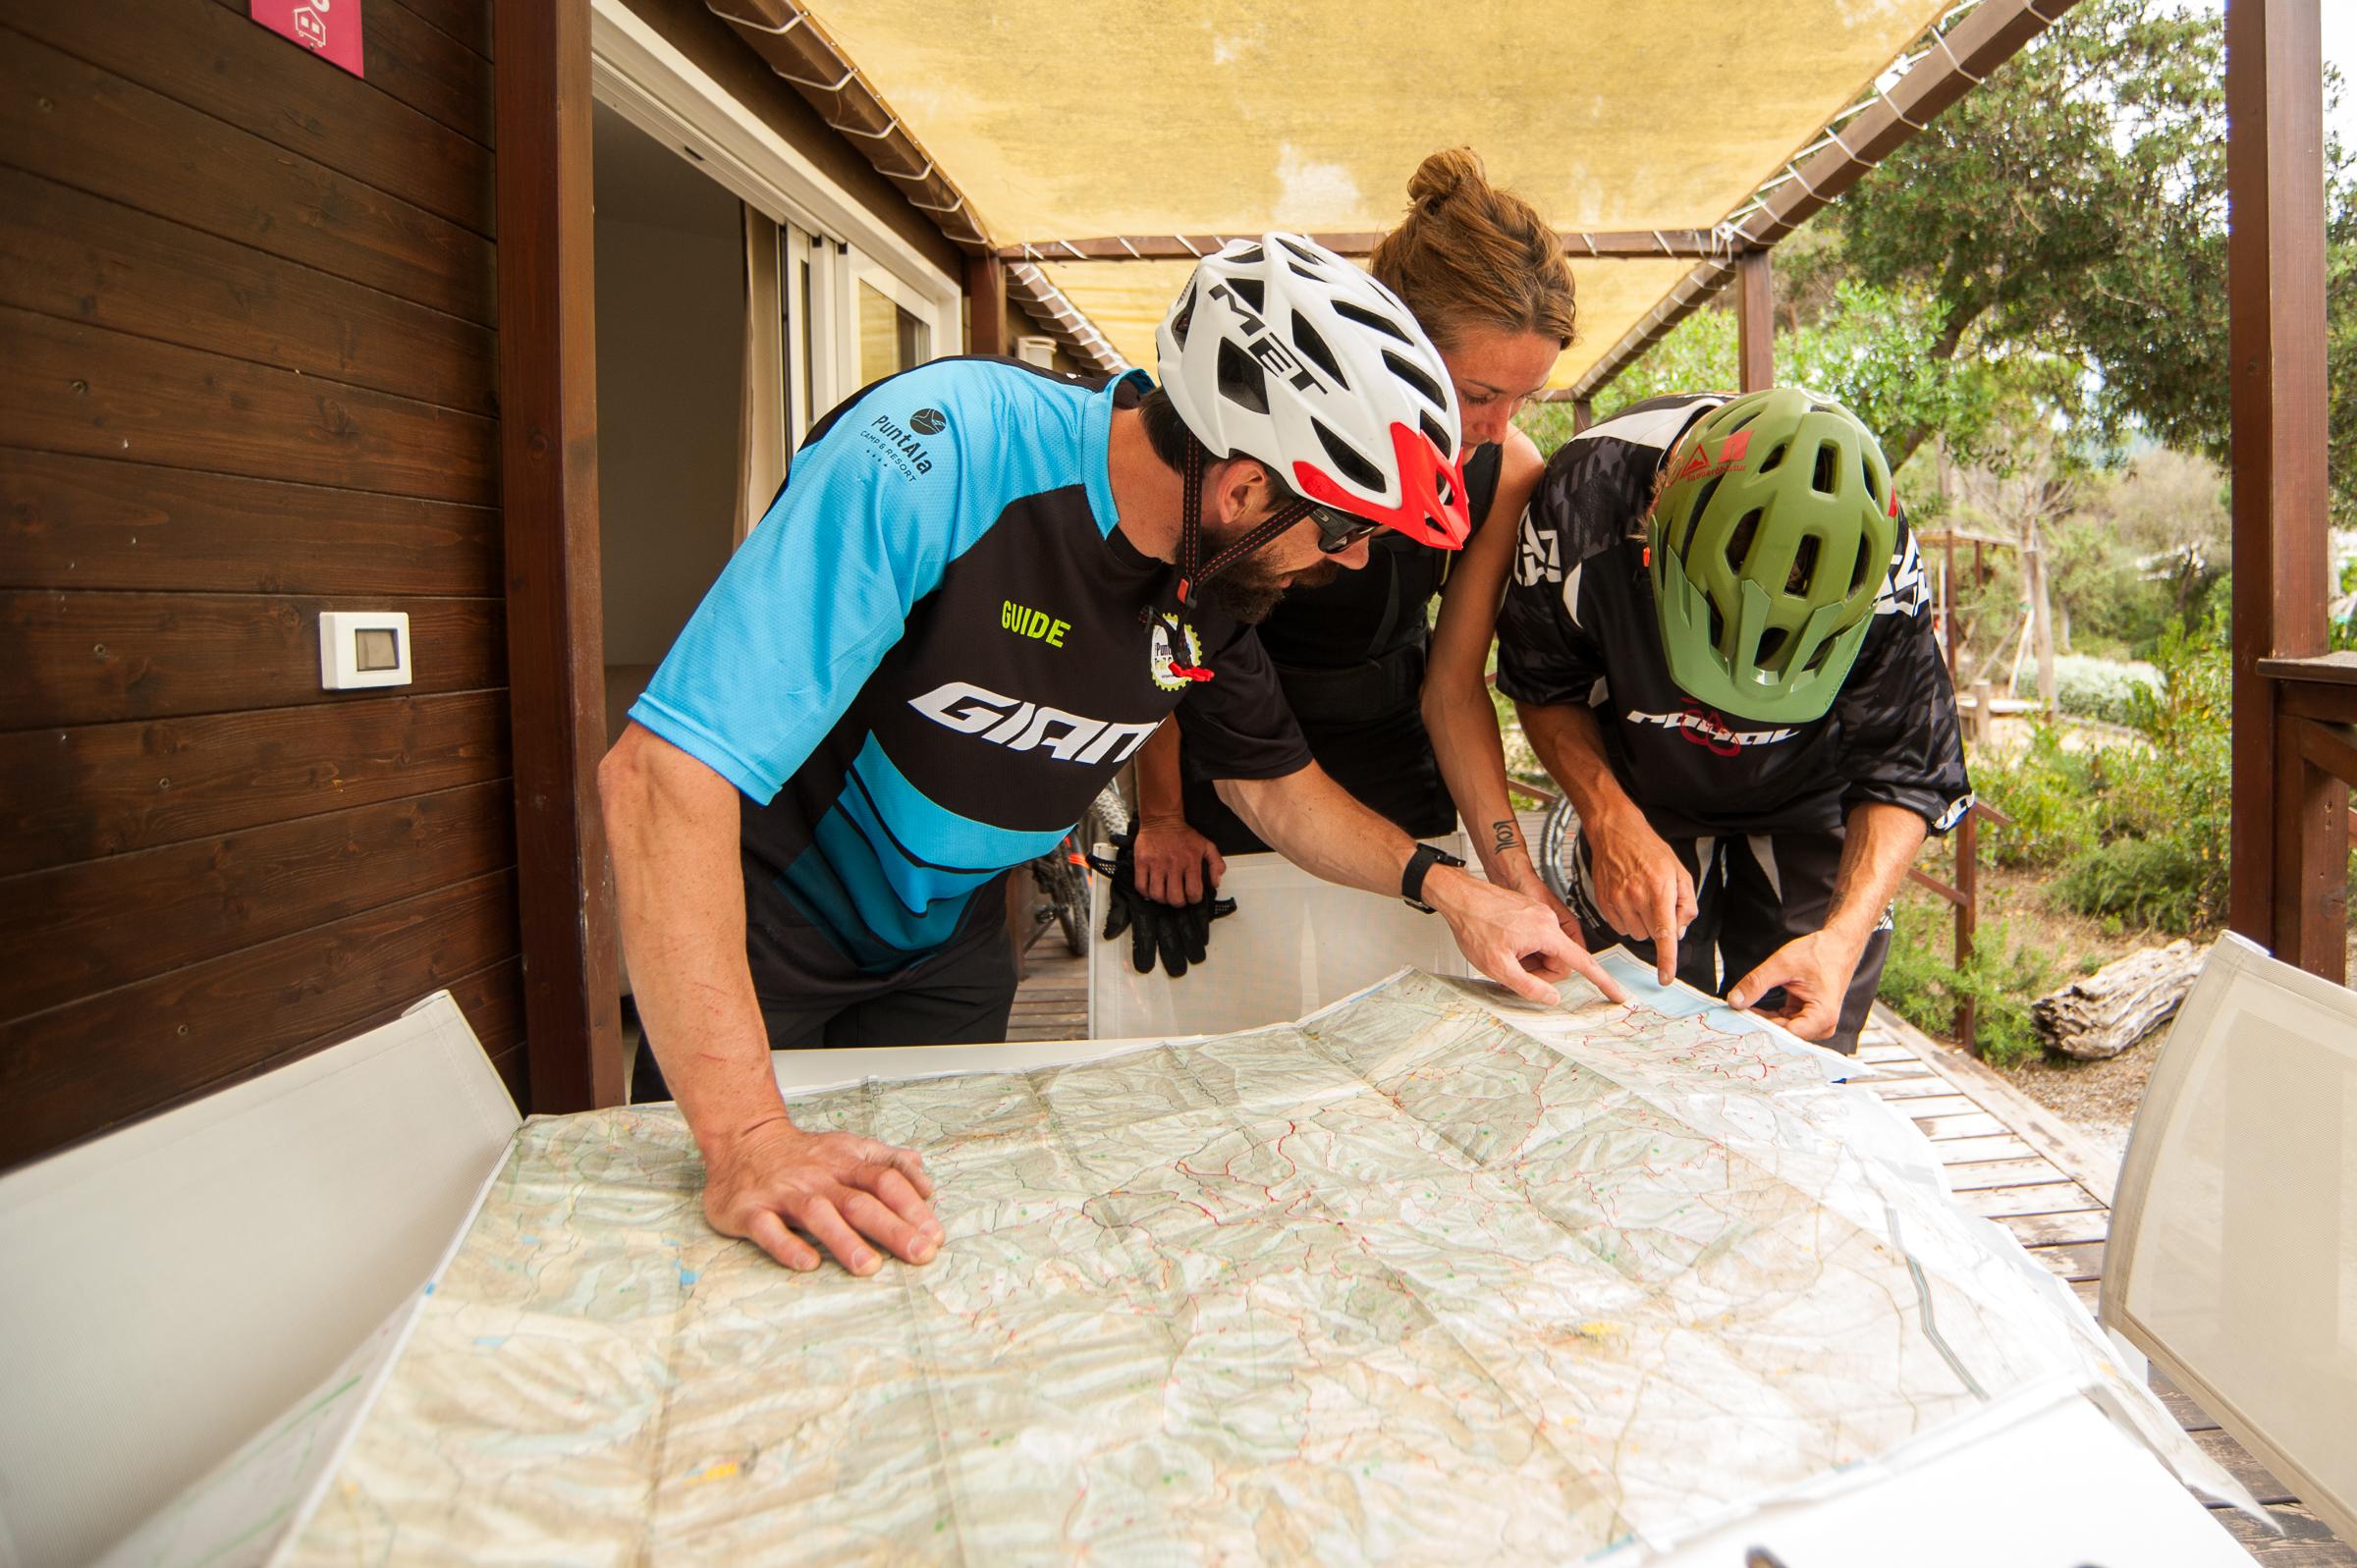 la mappa del trail center